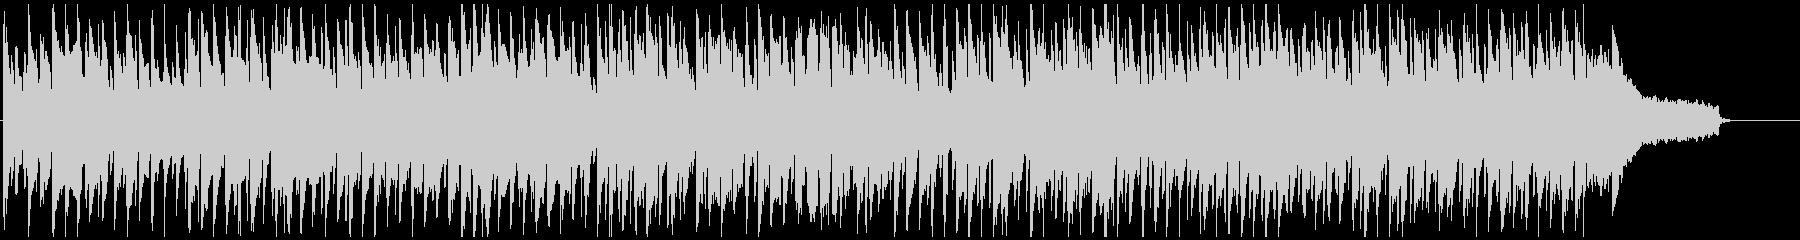 ほのぼの明るいピクニック系リコーダー曲の未再生の波形